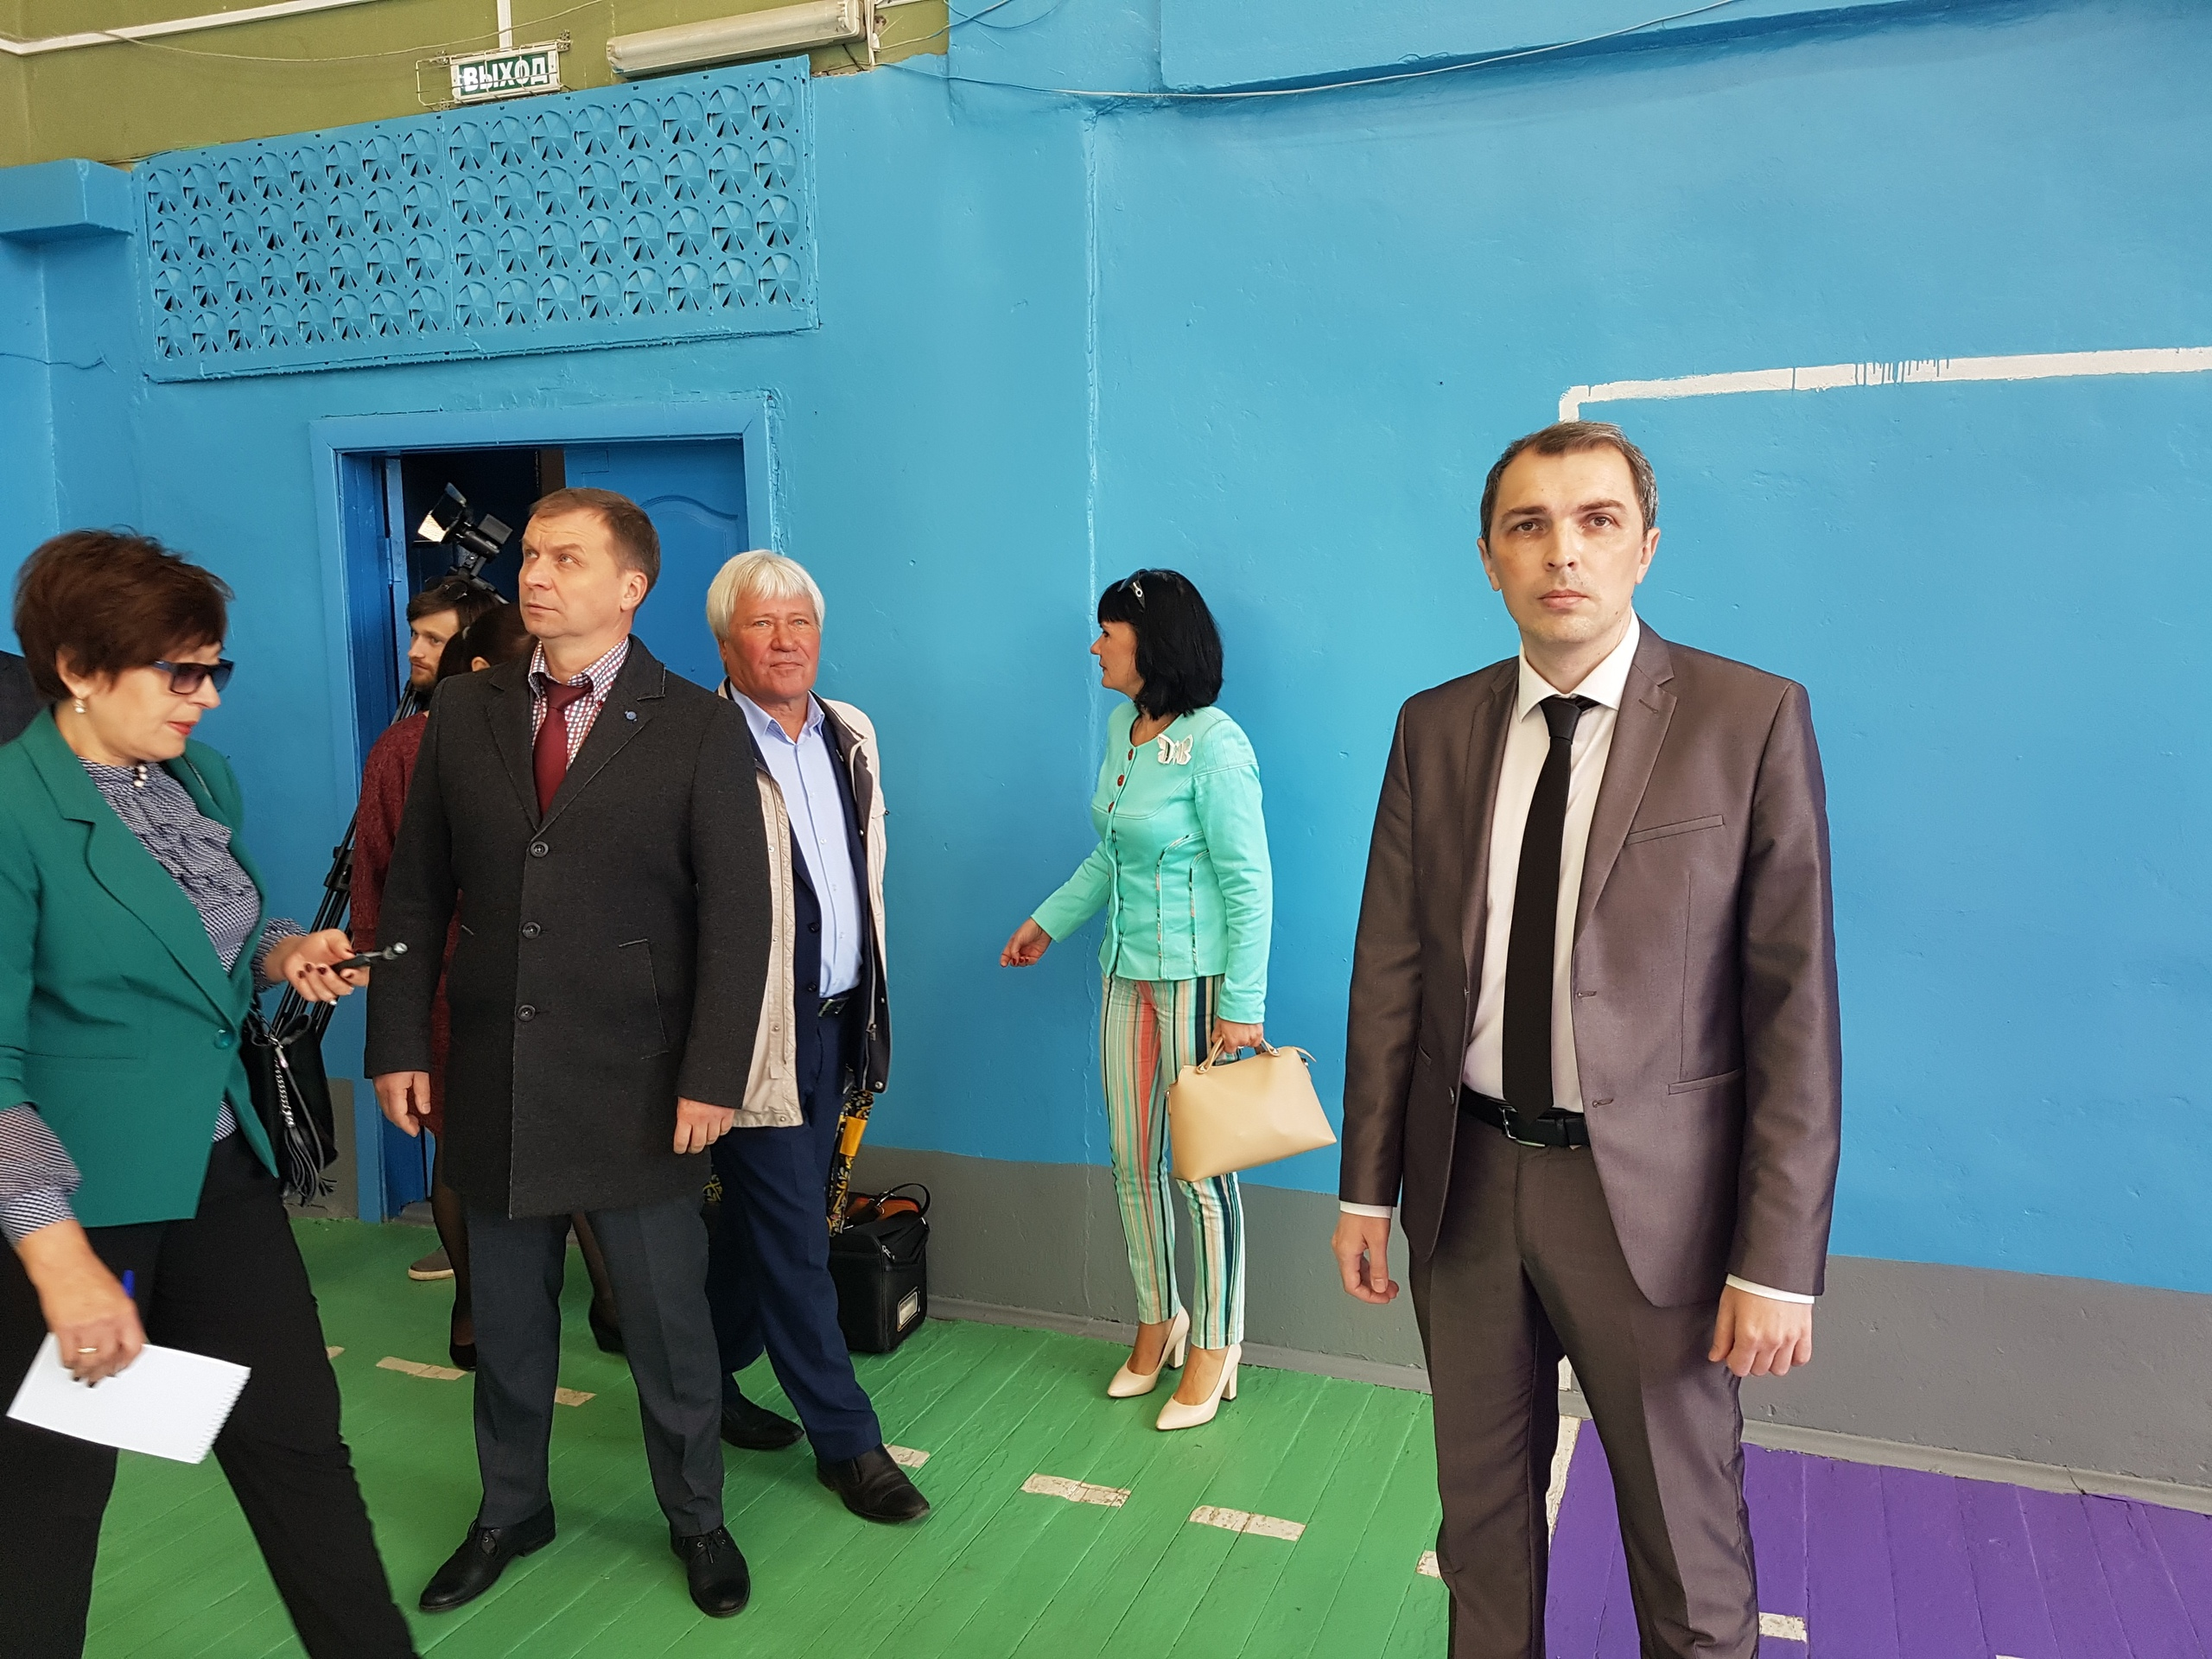 Директор Александр Сечко (справа) показал отремонтированный спортзал, в котором предстоит заменить окна, чтобы сохранять тепло